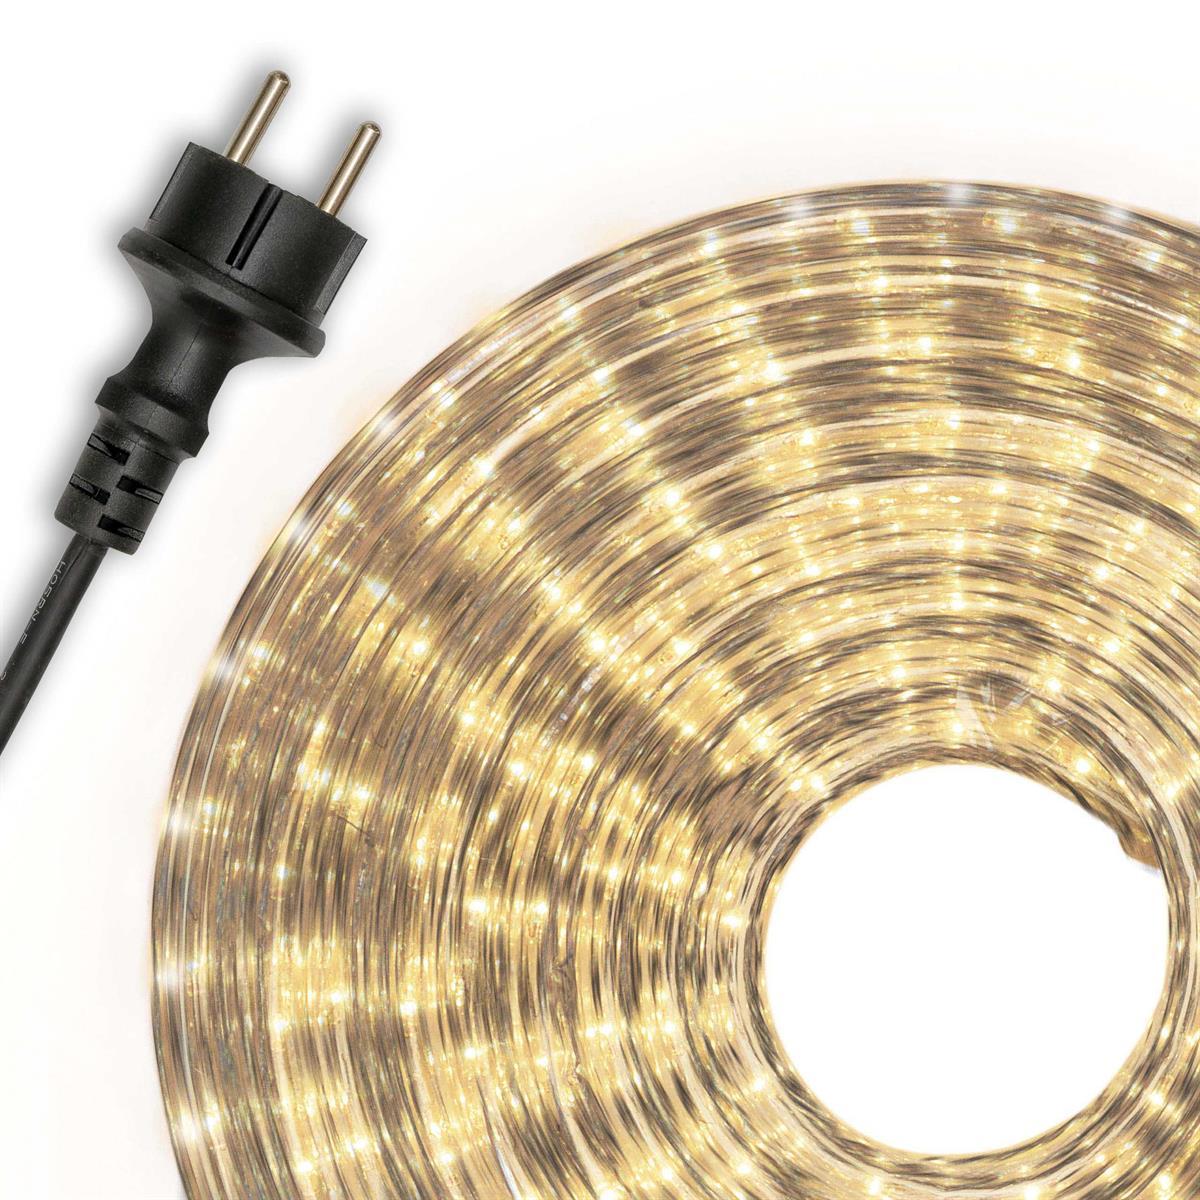 Lichterschlauch warmweiß 20m Lichterkette  Weihnachtsbeleuchtung XMAS